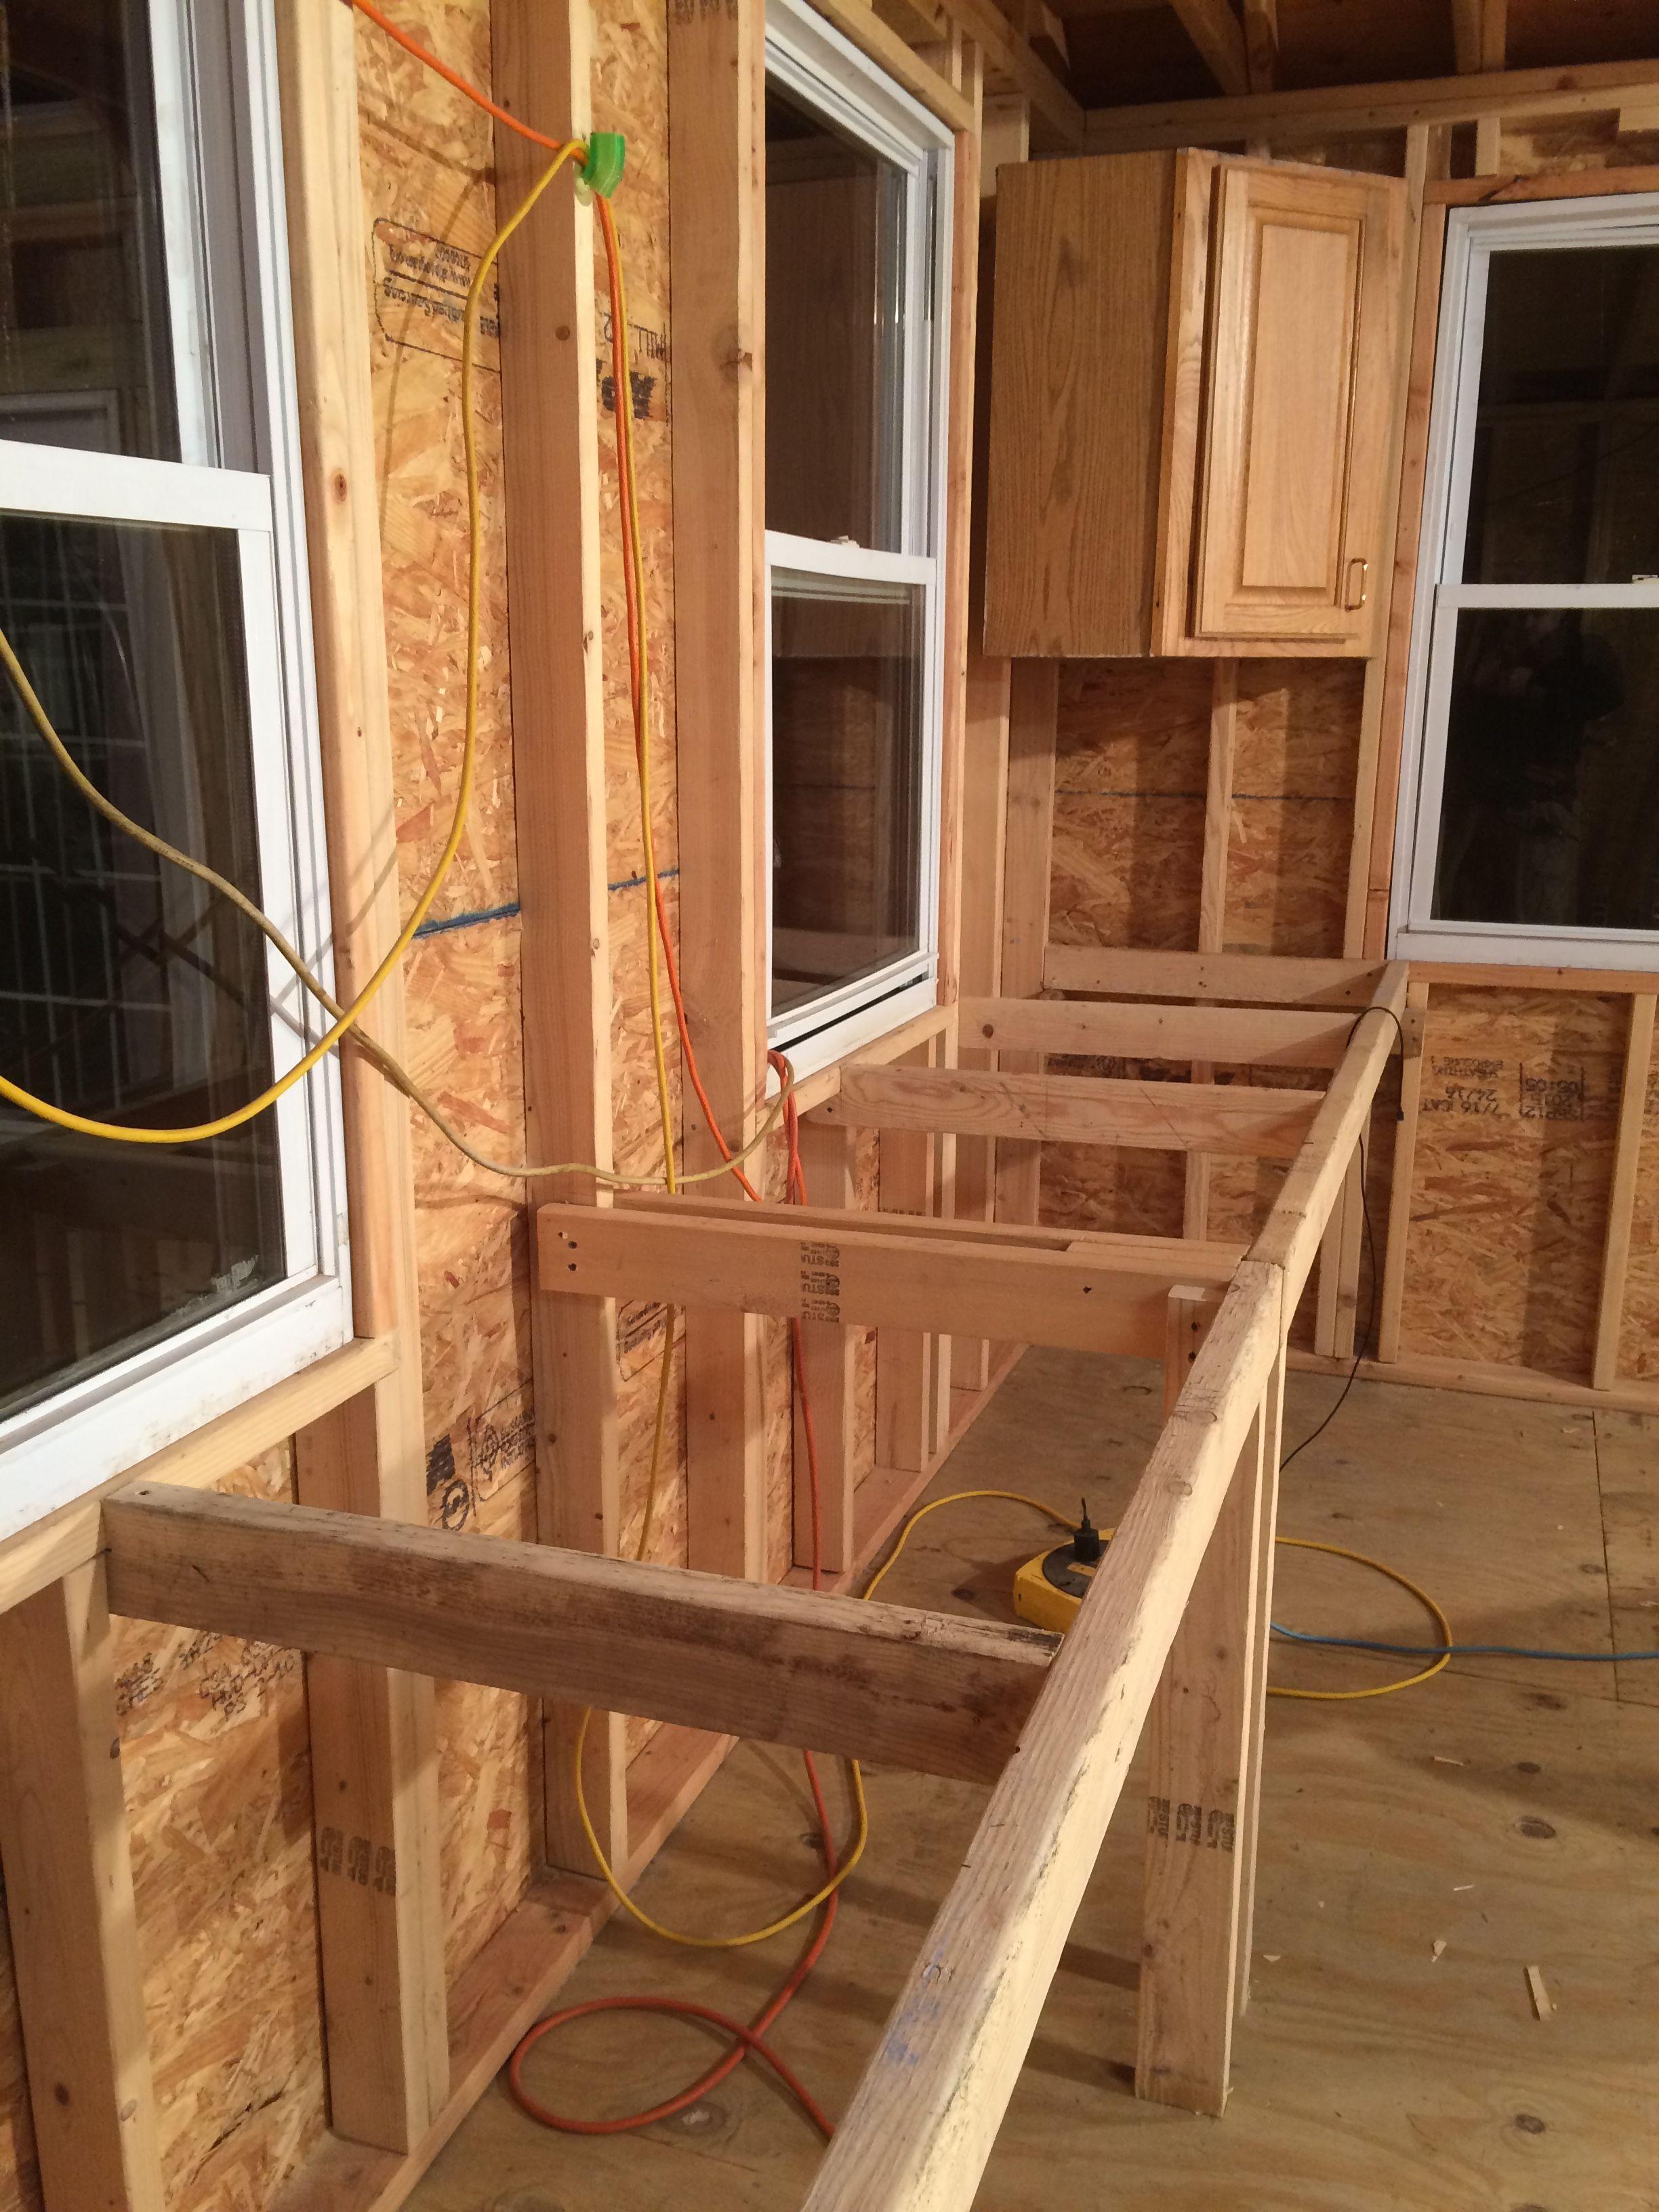 Easy Workbench Build Workshop Shed Garage Workshop Plans Shed Plans